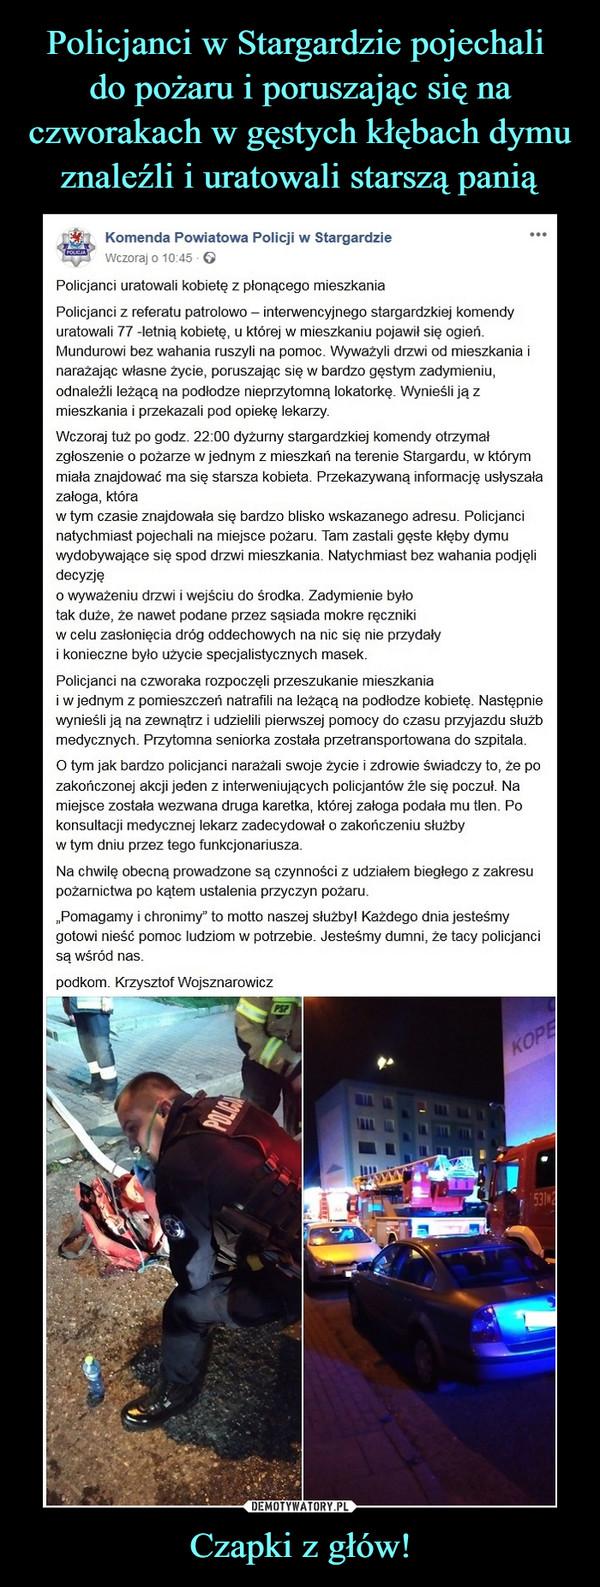 """Czapki z głów! –  Komenda Powiatowa Policji w Stargardzie ••'Wczoraj o 10:45 - ©Policjanci uratowali kobietę z płonącego mieszkaniaPolicjanci z referatu patrolowo - interwencyjnego stargardzkiej komendyuratowali 77 -letnią kobietę, u której w mieszkaniu pojawił się ogień.Mundurowi bez wahania ruszyli na pomoc. Wyważyli drzwi od mieszkania inarażając własne życie, poruszając się w bardzo gęstym zadymieniu,odnaleźli leżącą na podłodze nieprzytomną lokatorkę. Wynieśli ją zmieszkania i przekazali pod opiekę lekarzy.Wczoraj tuż po godz. 22:00 dyżurny stargardzkiej komendy otrzymałzgłoszenie o pożarze w jednym z mieszkań na terenie Stargardu, w którymmiała znajdować ma się starsza kobieta. Przekazywaną informację usłyszałazałoga, któraw tym czasie znajdowała się bardzo blisko wskazanego adresu. Policjancinatychmiast pojechali na miejsce pożaru. Tam zastali gęste kłęby dymuwydobywające się spod drzwi mieszkania. Natychmiast bez wahania podjęlidecyzję0 wyważeniu drzwi i wejściu do środka. Zadymienie byłotak duże, że nawet podane przez sąsiada mokre ręcznikiw celu zasłonięcia dróg oddechowych na nic się nie przydały1 konieczne było użycie specjalistycznych masek.Policjanci na czworaka rozpoczęli przeszukanie mieszkaniai w jednym z pomieszczeń natrafili na leżącą na podłodze kobietę. Następniewynieśli ją na zewnątrz i udzielili pierwszej pomocy do czasu przyjazdu służbmedycznych. Przytomna seniorka została przetransportowana do szpitala.O tym jak bardzo policjanci narażali swoje życie i zdrowie świadczy to, że pozakończonej akcji jeden z interweniujących policjantów źle się poczuł. Namiejsce została wezwana druga karetka, której załoga podała mu tlen. Pokonsultacji medycznej lekarz zadecydował o zakończeniu służbyw tym dniu przez tego funkcjonariusza.Na chwilę obecną prowadzone są czynności z udziałem biegłego z zakresupożarnictwa po kątem ustalenia przyczyn pożaru.""""Pomagamy i chronimy"""" to motto naszej służby! Każdego dnia jesteśmygotowi nieść pomoc ludziom w potrzebie. Jeste"""